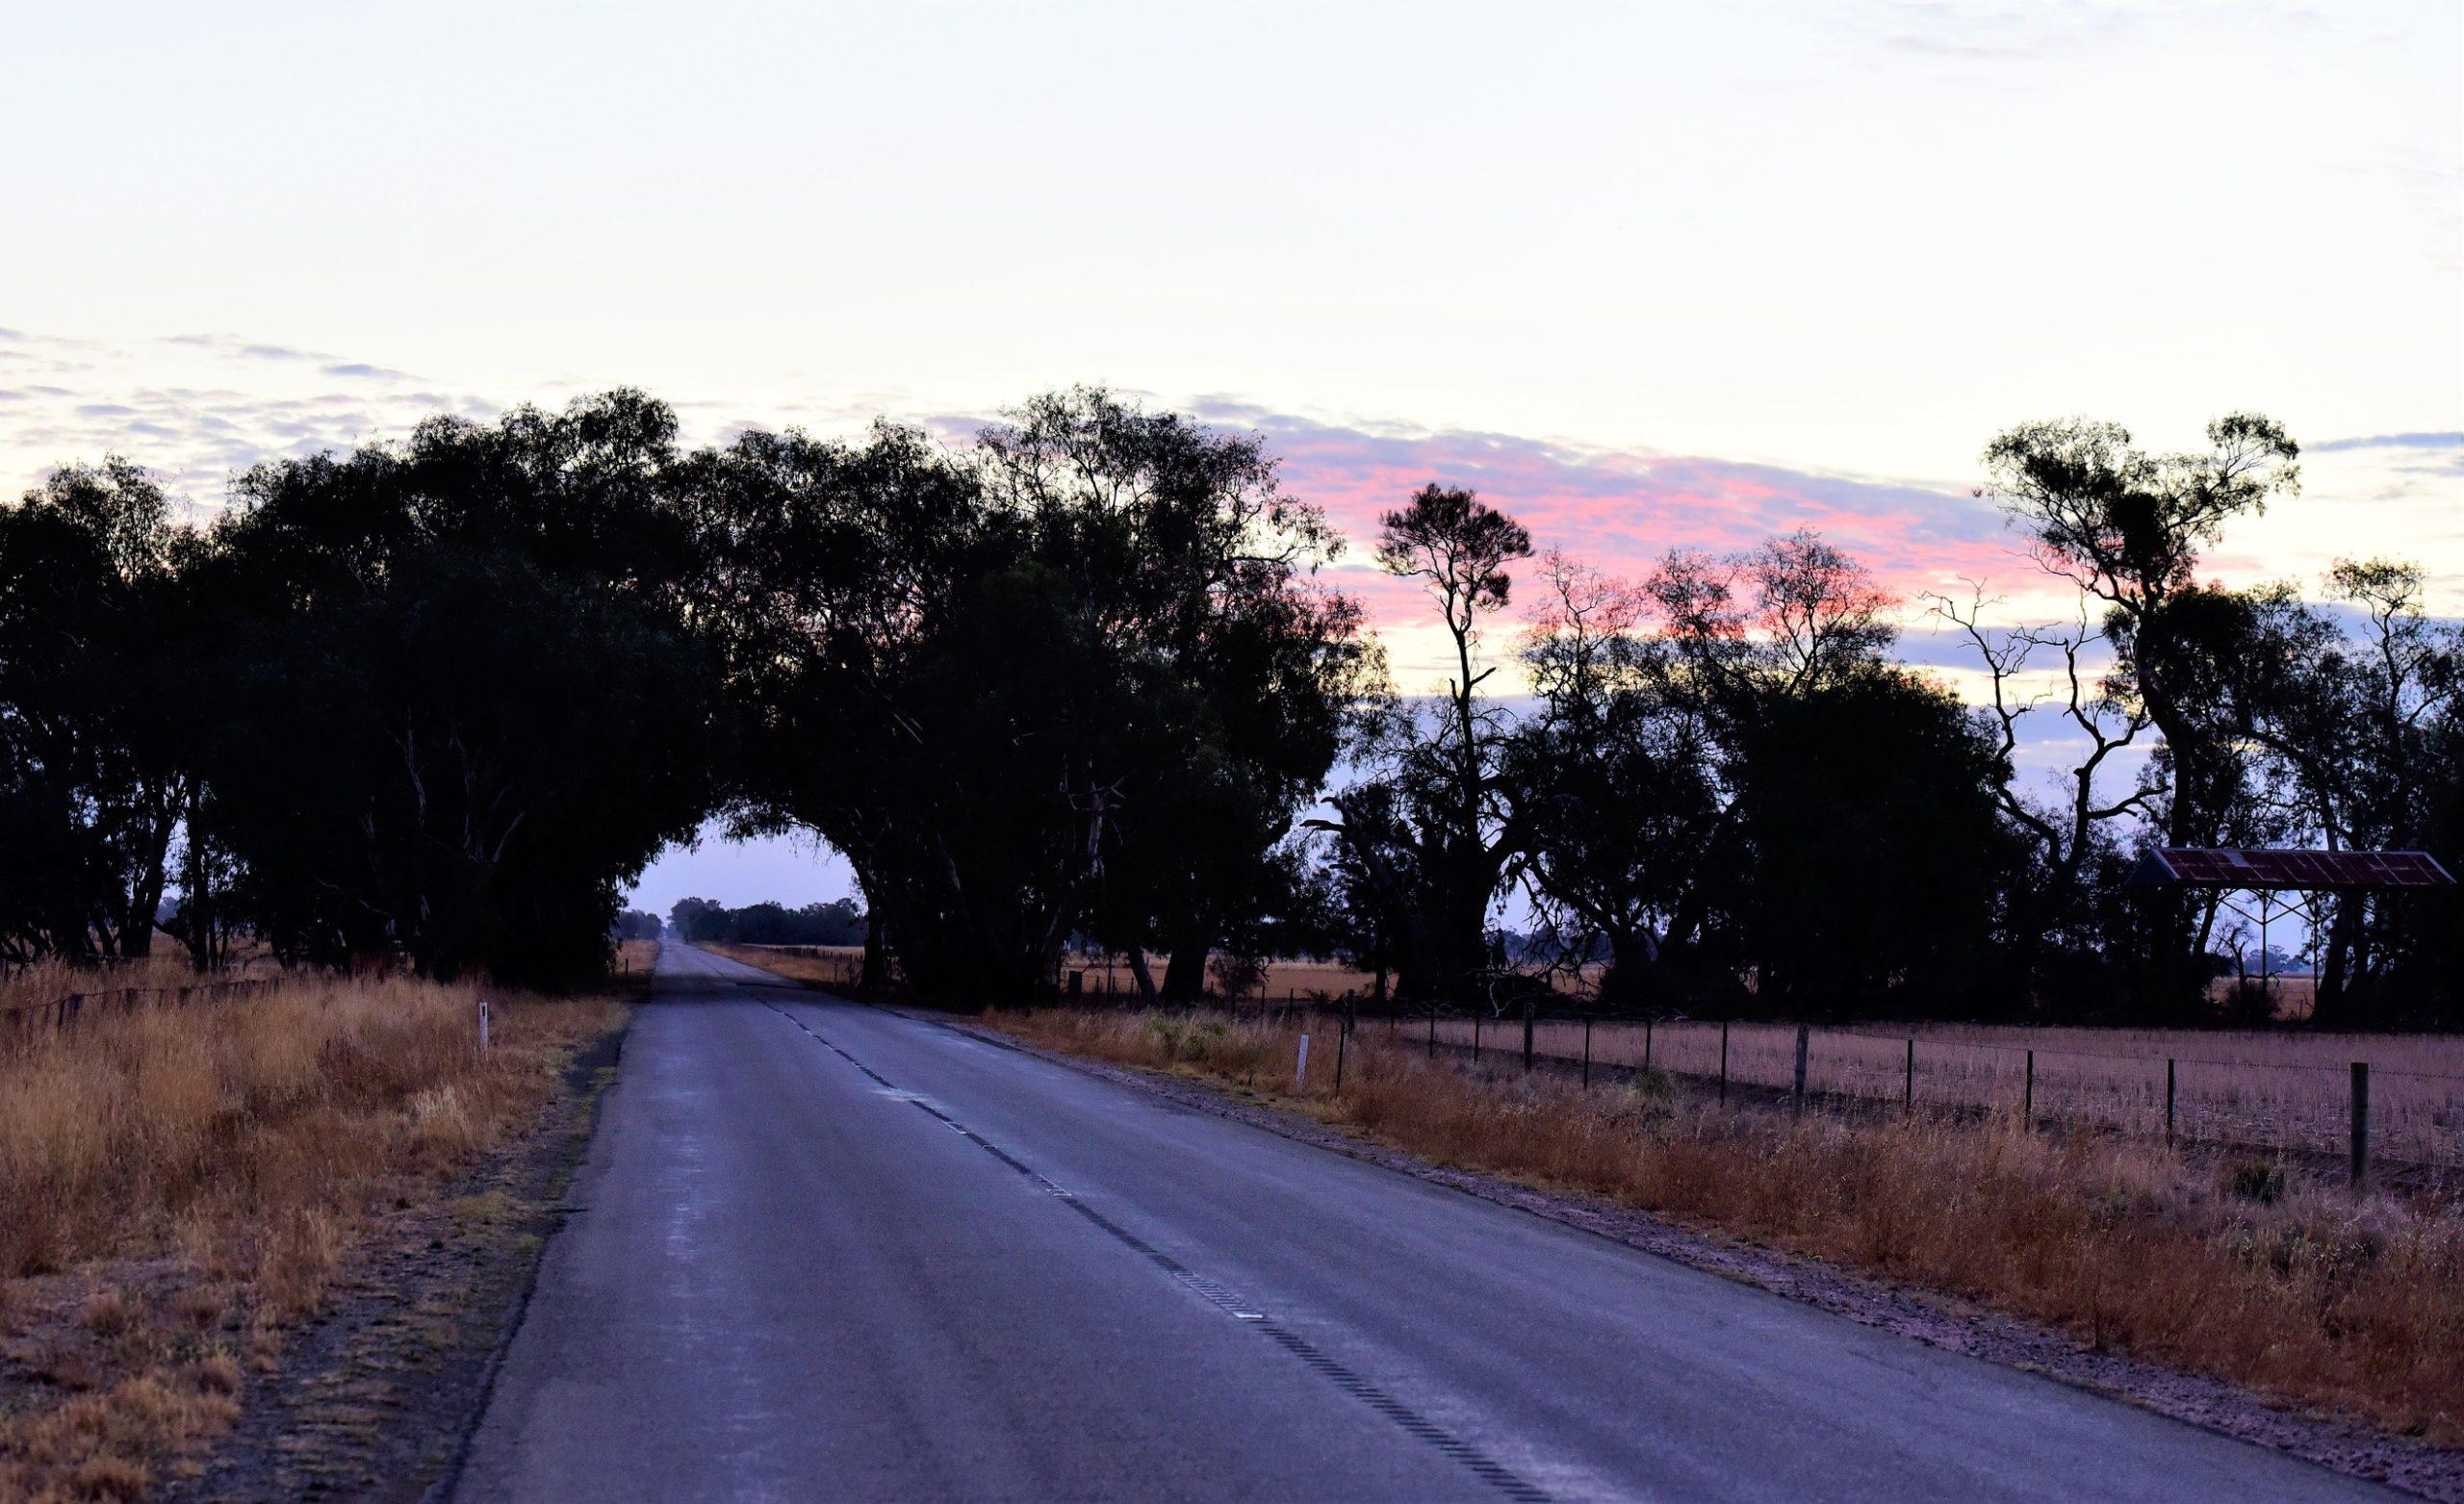 Road near mitiamo